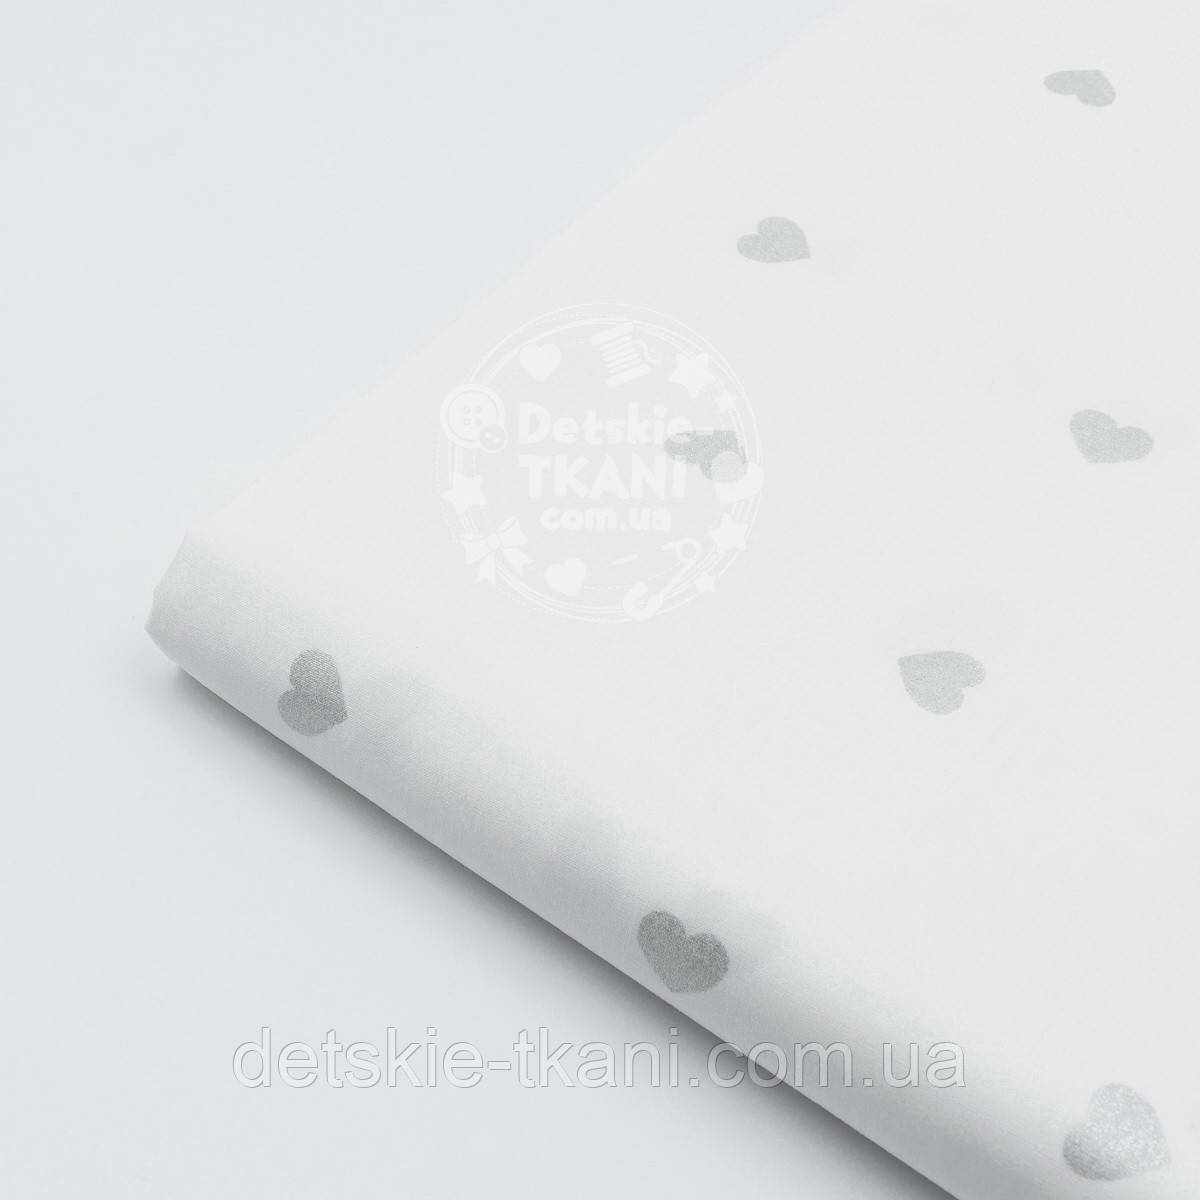 """Отрез поплина шириной 240 см с глиттерным рисунком """"Серебряные сердечки"""" (№1608), размер 98*240"""